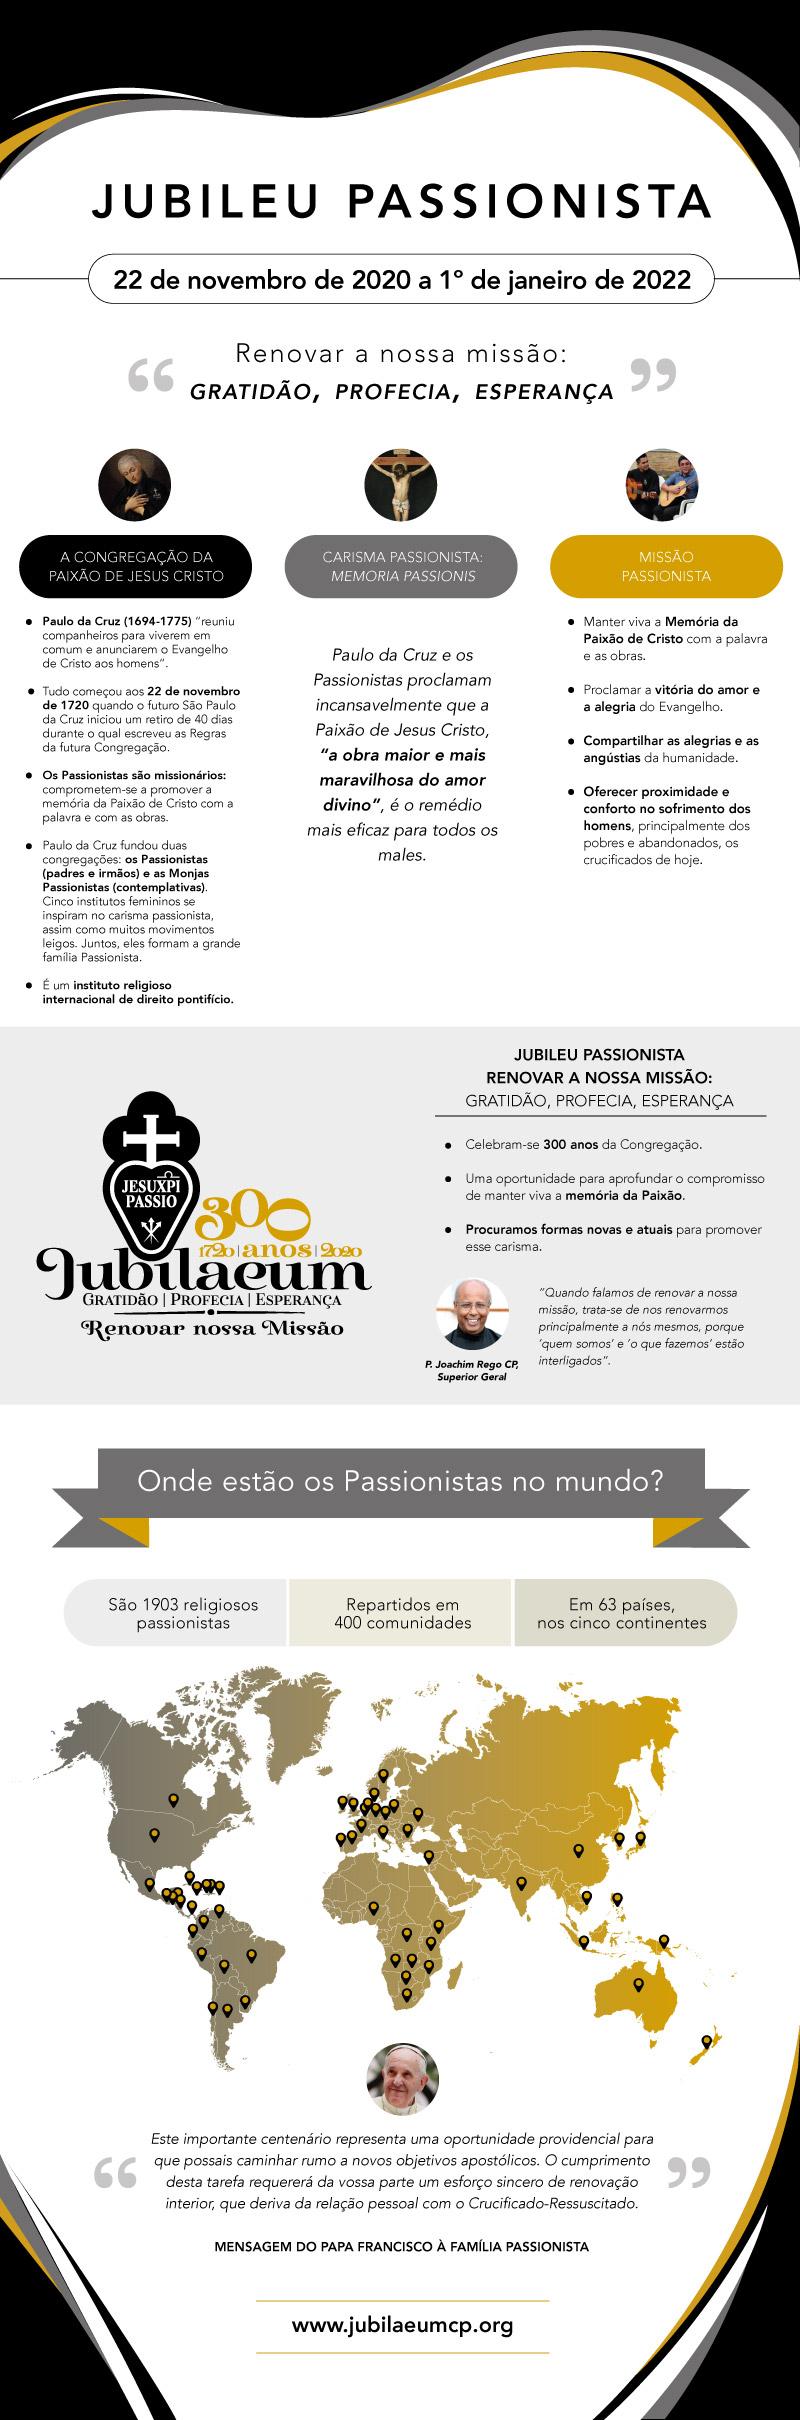 JUBILEU PASSIONISTA